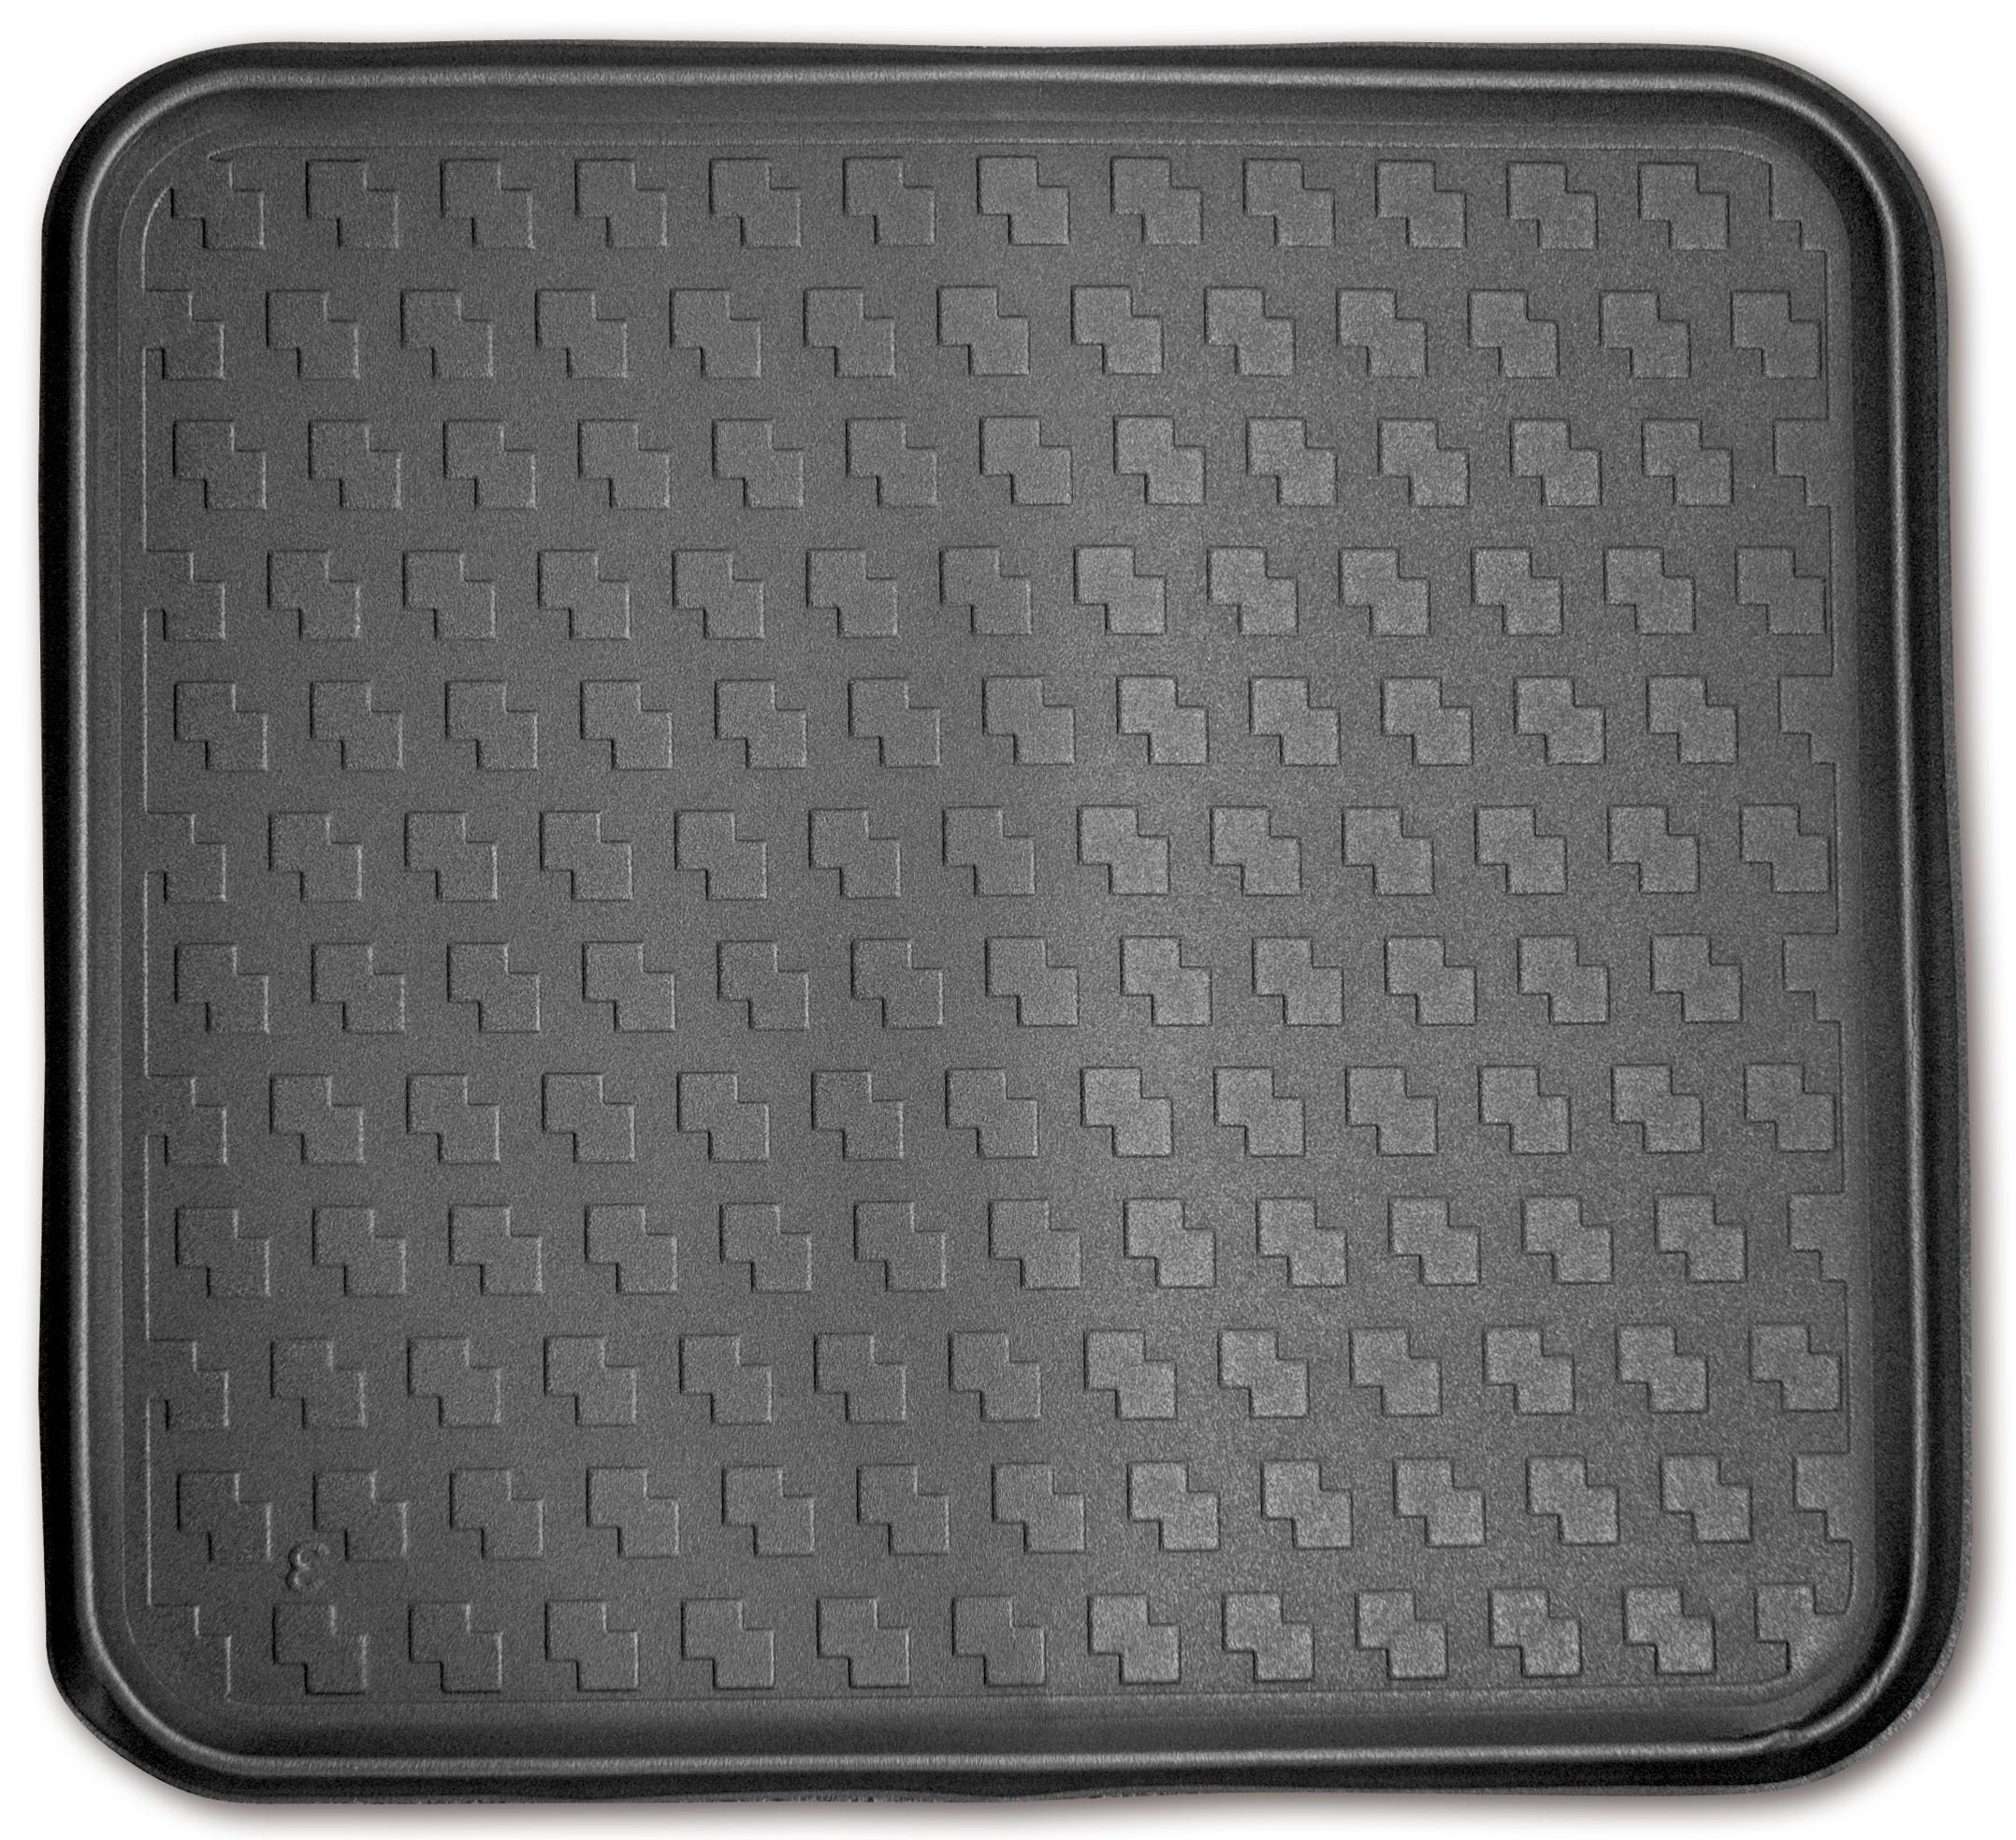 Kofferraummatte / Allzweckschale Größe 3 90x85x3cm Bild 1